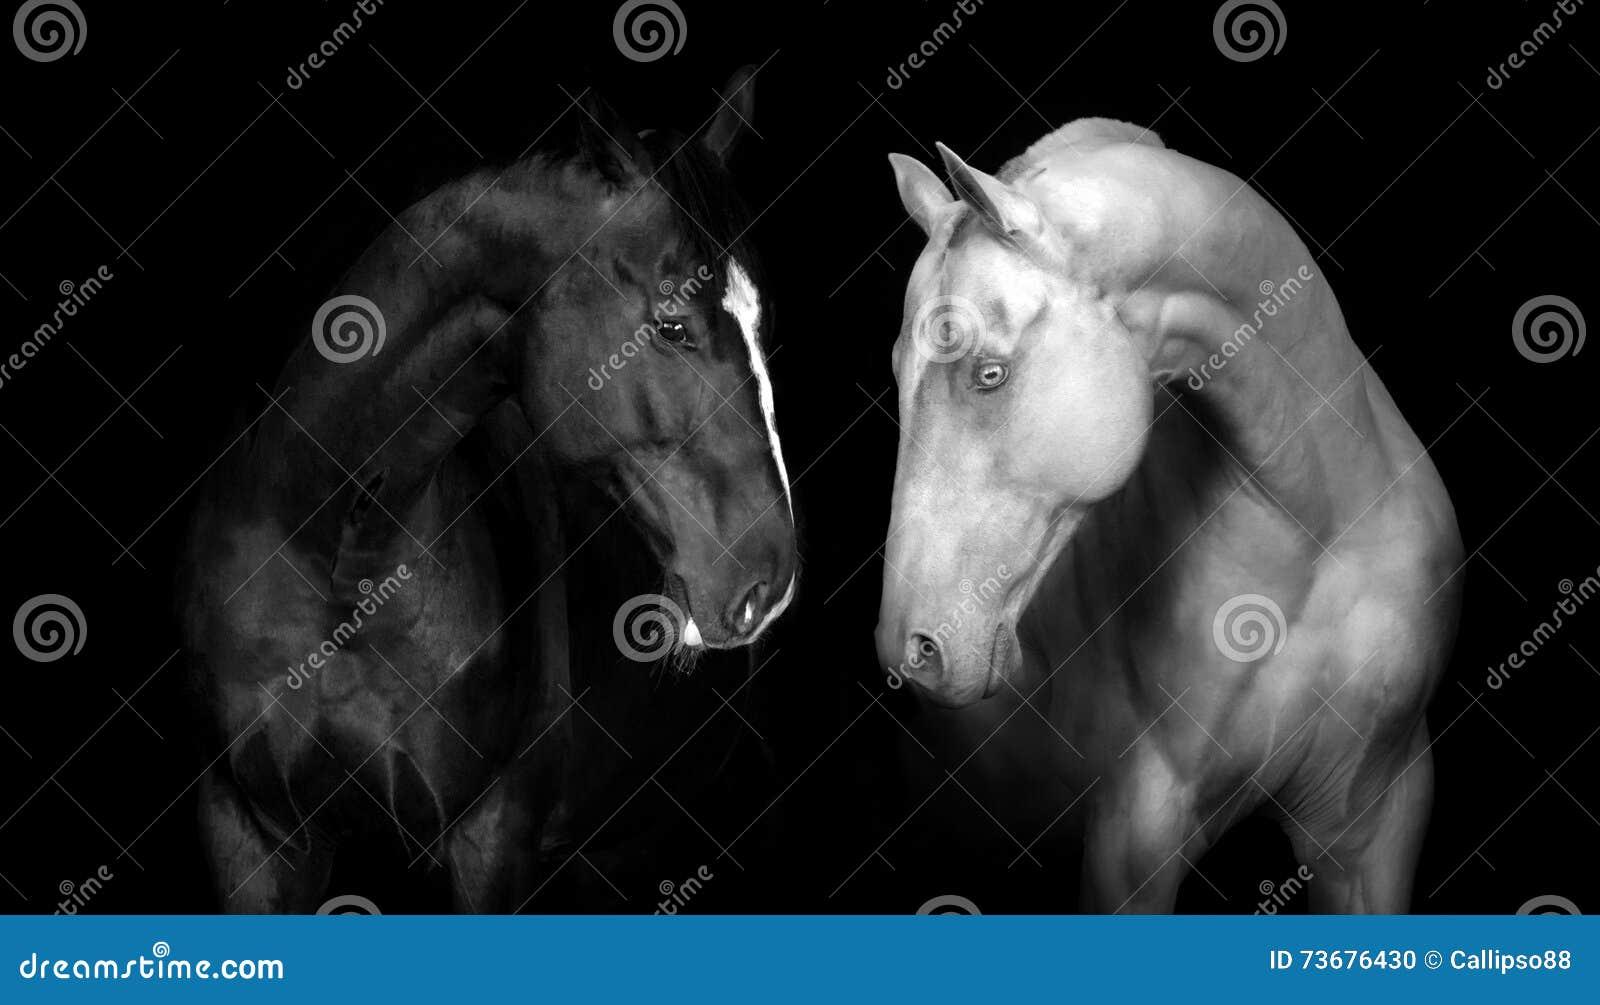 Two horse portrait